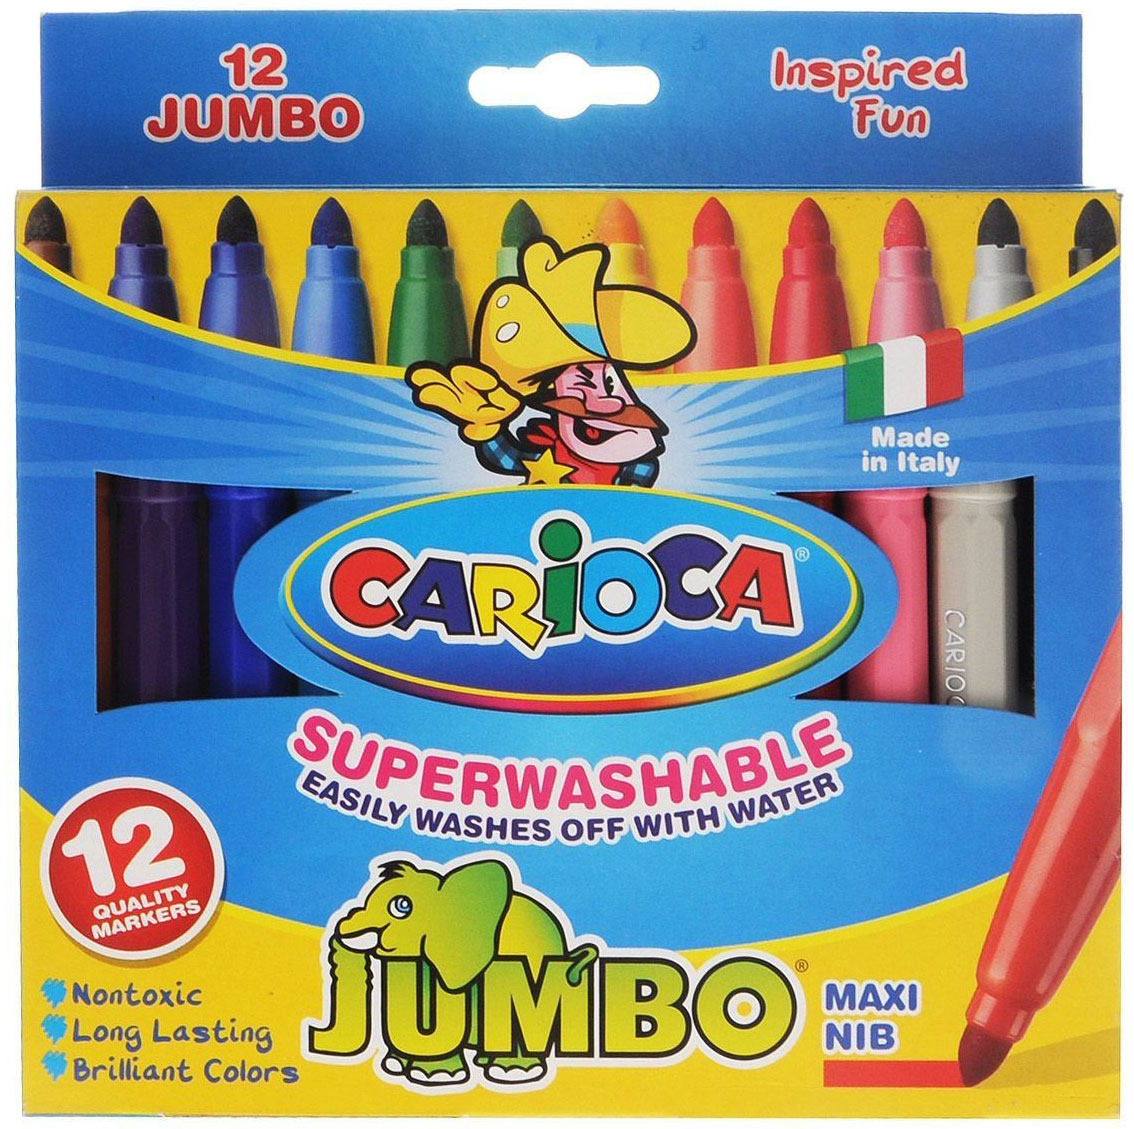 Набор фломастеров Carioca Jumbo, 12 цветов42816Фломастеры Carioca Jumbo, непременно, понравятся вашему юному художнику.Набор включает в себя 6 ярких цветных фломастеров в удобном утолщенном корпусе с чернилами на водной основе и безопасными вентилируемыми колпачками. Такие фломастеры идеально подходят для малышей.Порадуйте своего ребенка таким замечательным подарком! Характеристики:Длина фломастера: 14 см.Диаметр фломастера: 1,2 см.Диаметр наконечника: 0,4 см. Размер упаковки: 17,5 см х 15 см х 1,5 см.Уважаемые клиенты! Обращаем ваше внимание на то, что упаковка может иметь несколько видов дизайна. Поставка осуществляется в зависимости от наличия на складе.